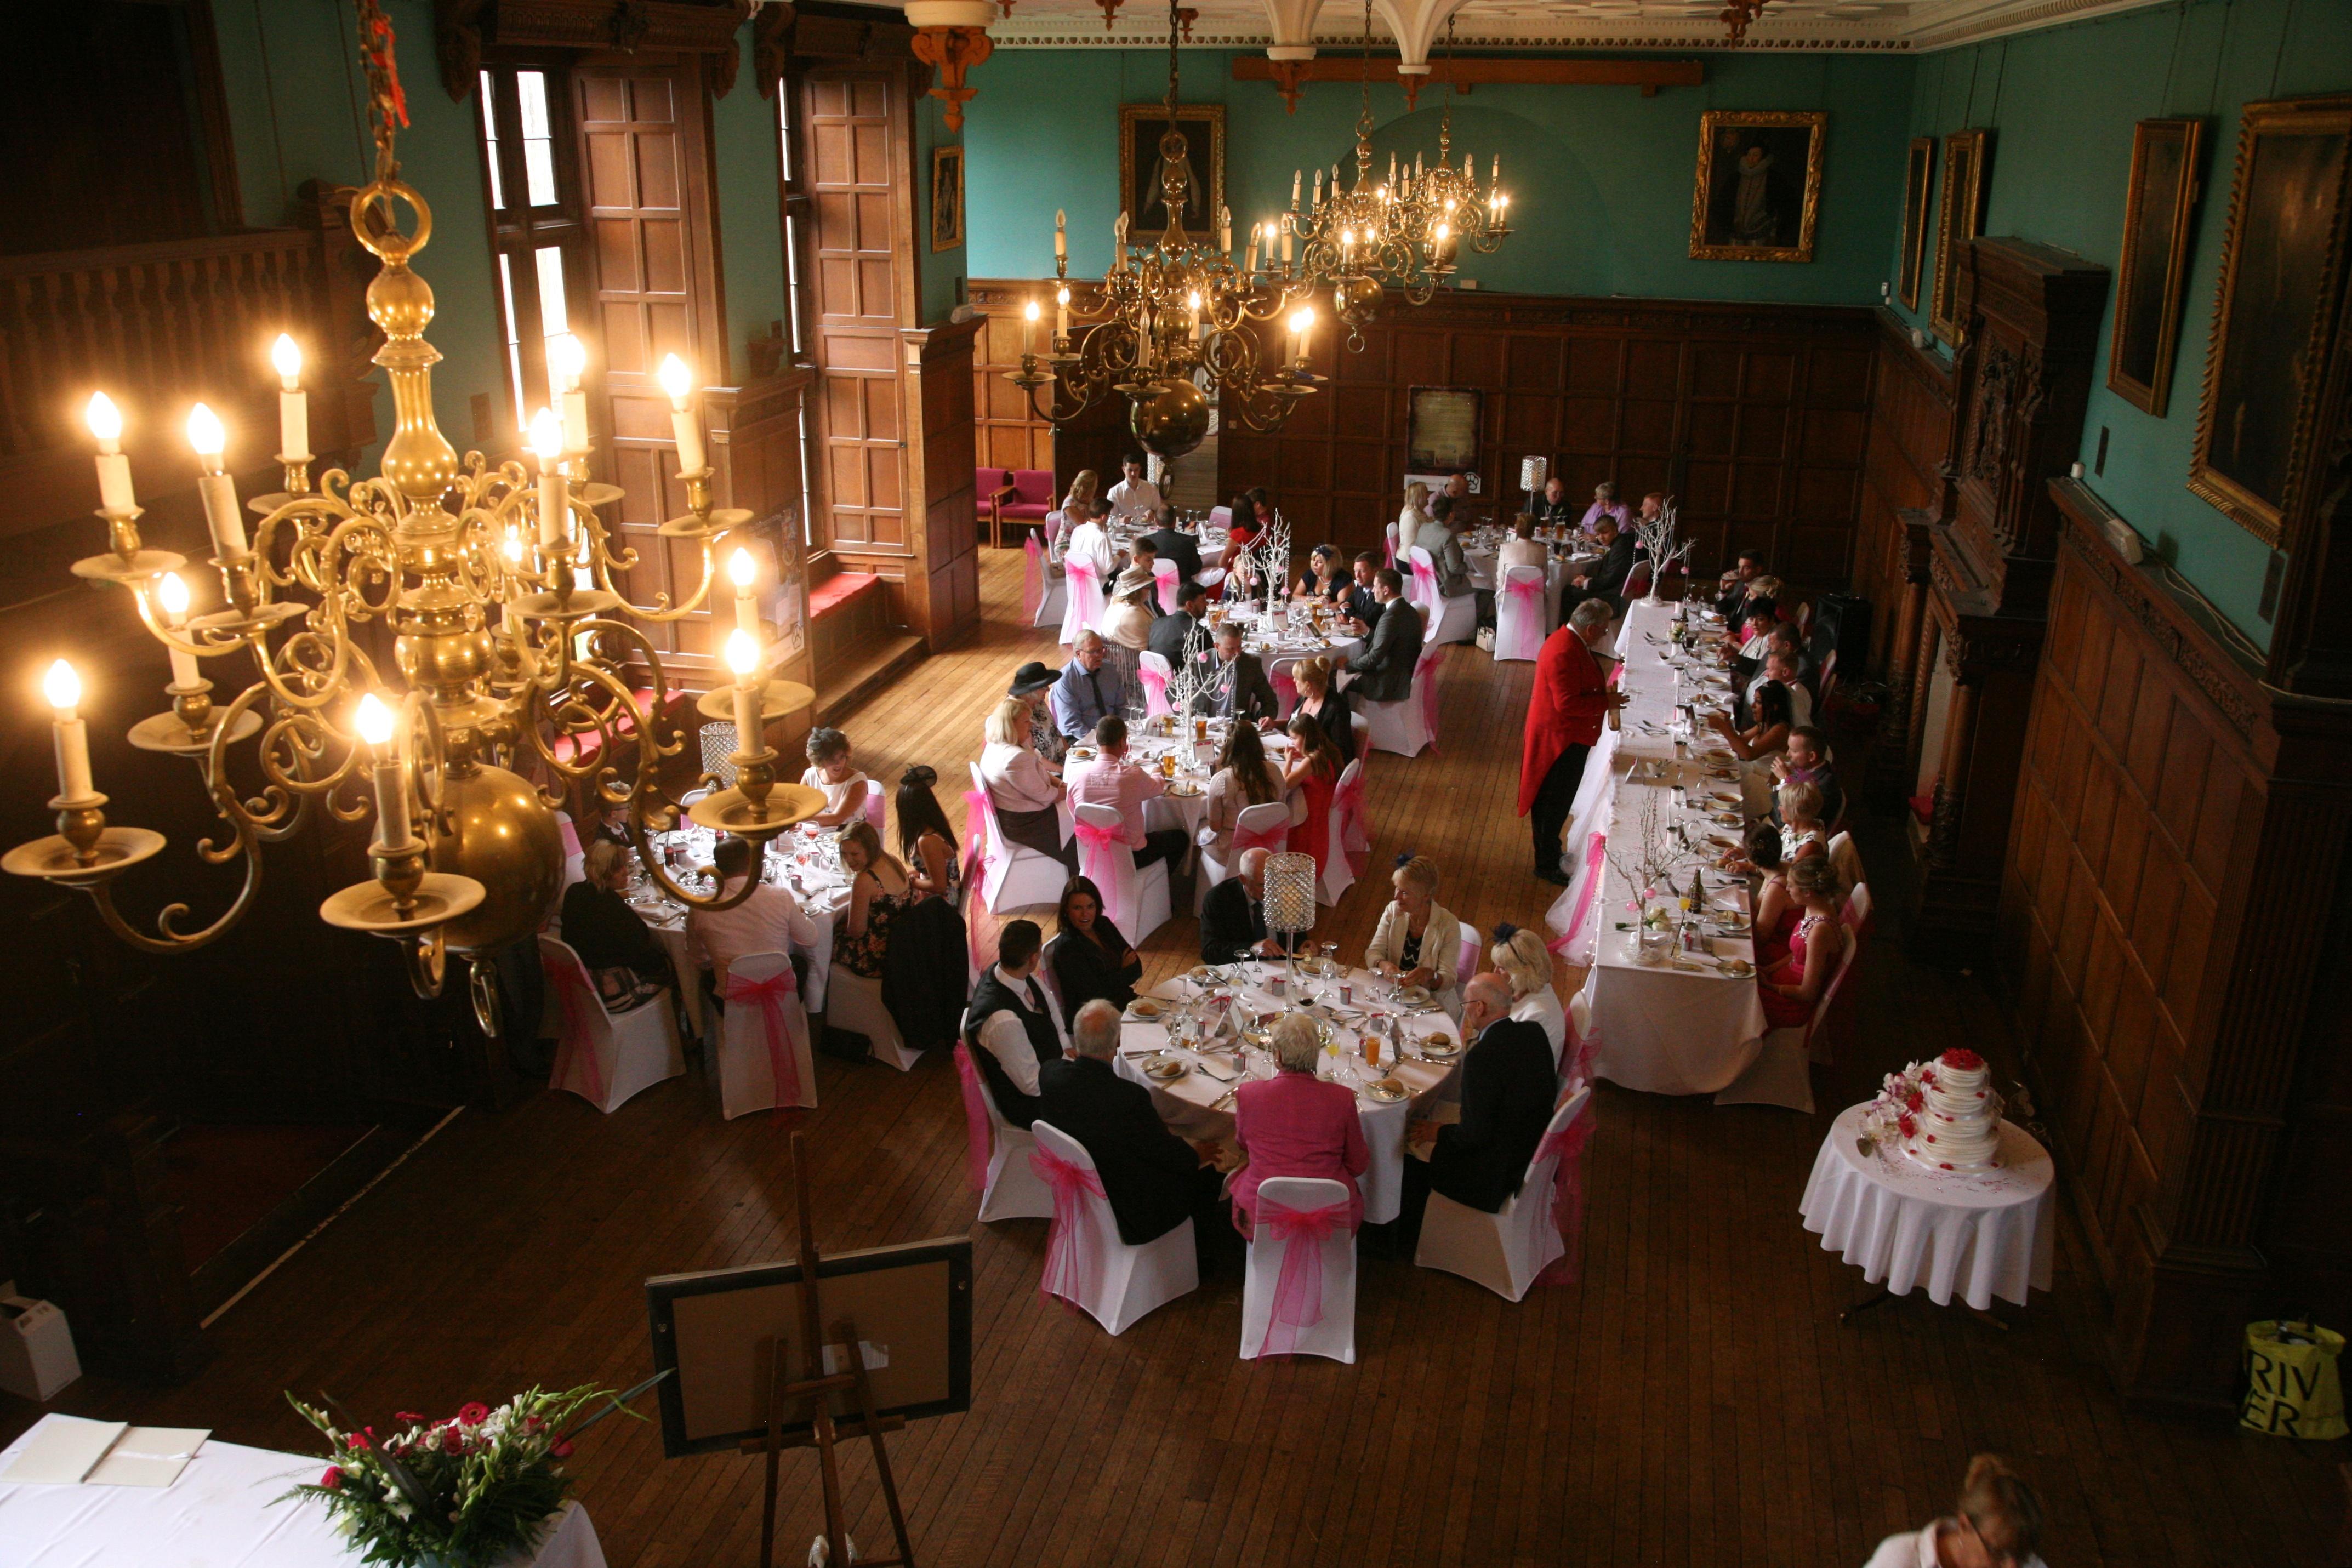 Ingestre Hall